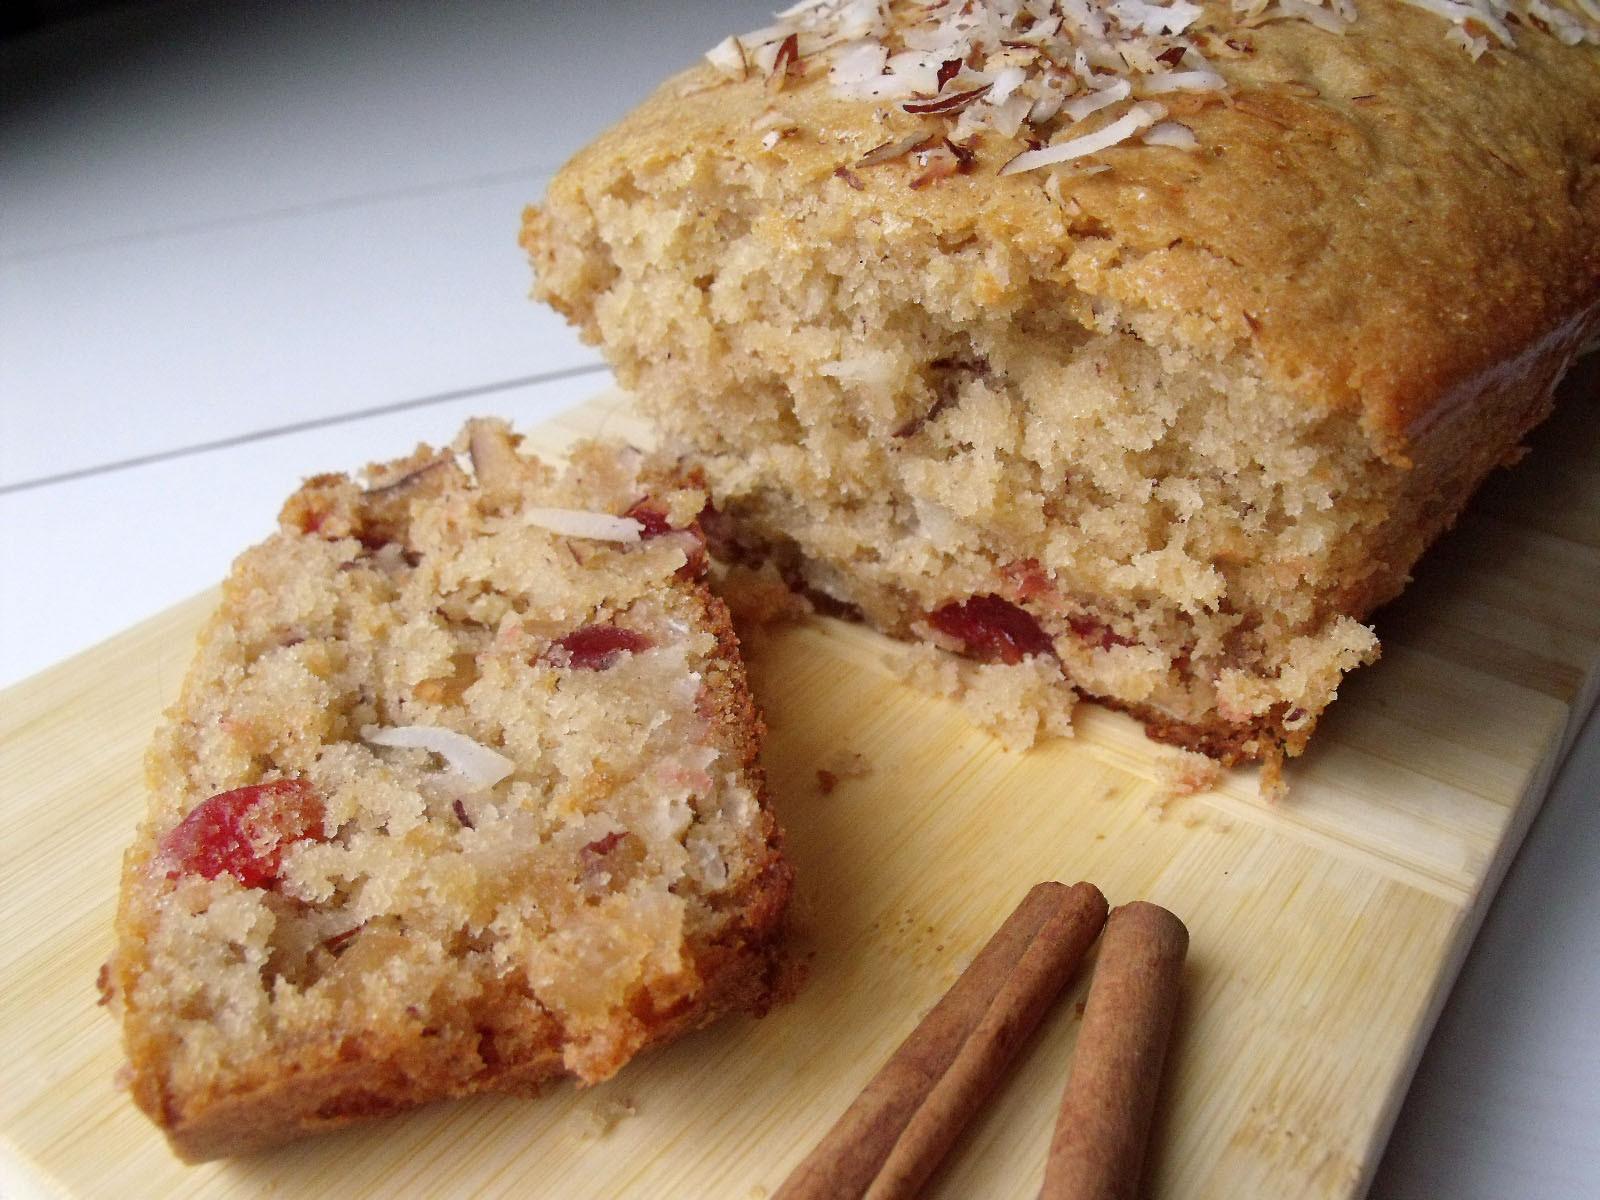 Dessert Bread Recipes  15 Delicious Dessert Bread Recipes